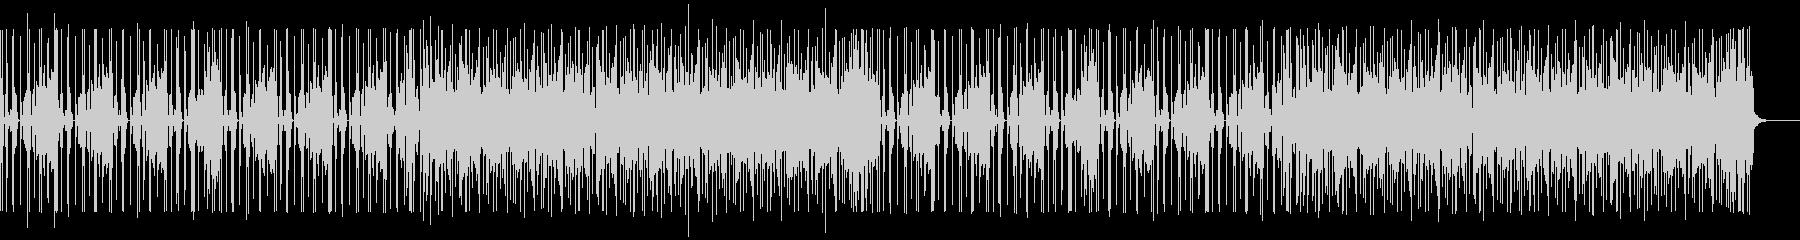 ファンキーなBGM Aの未再生の波形